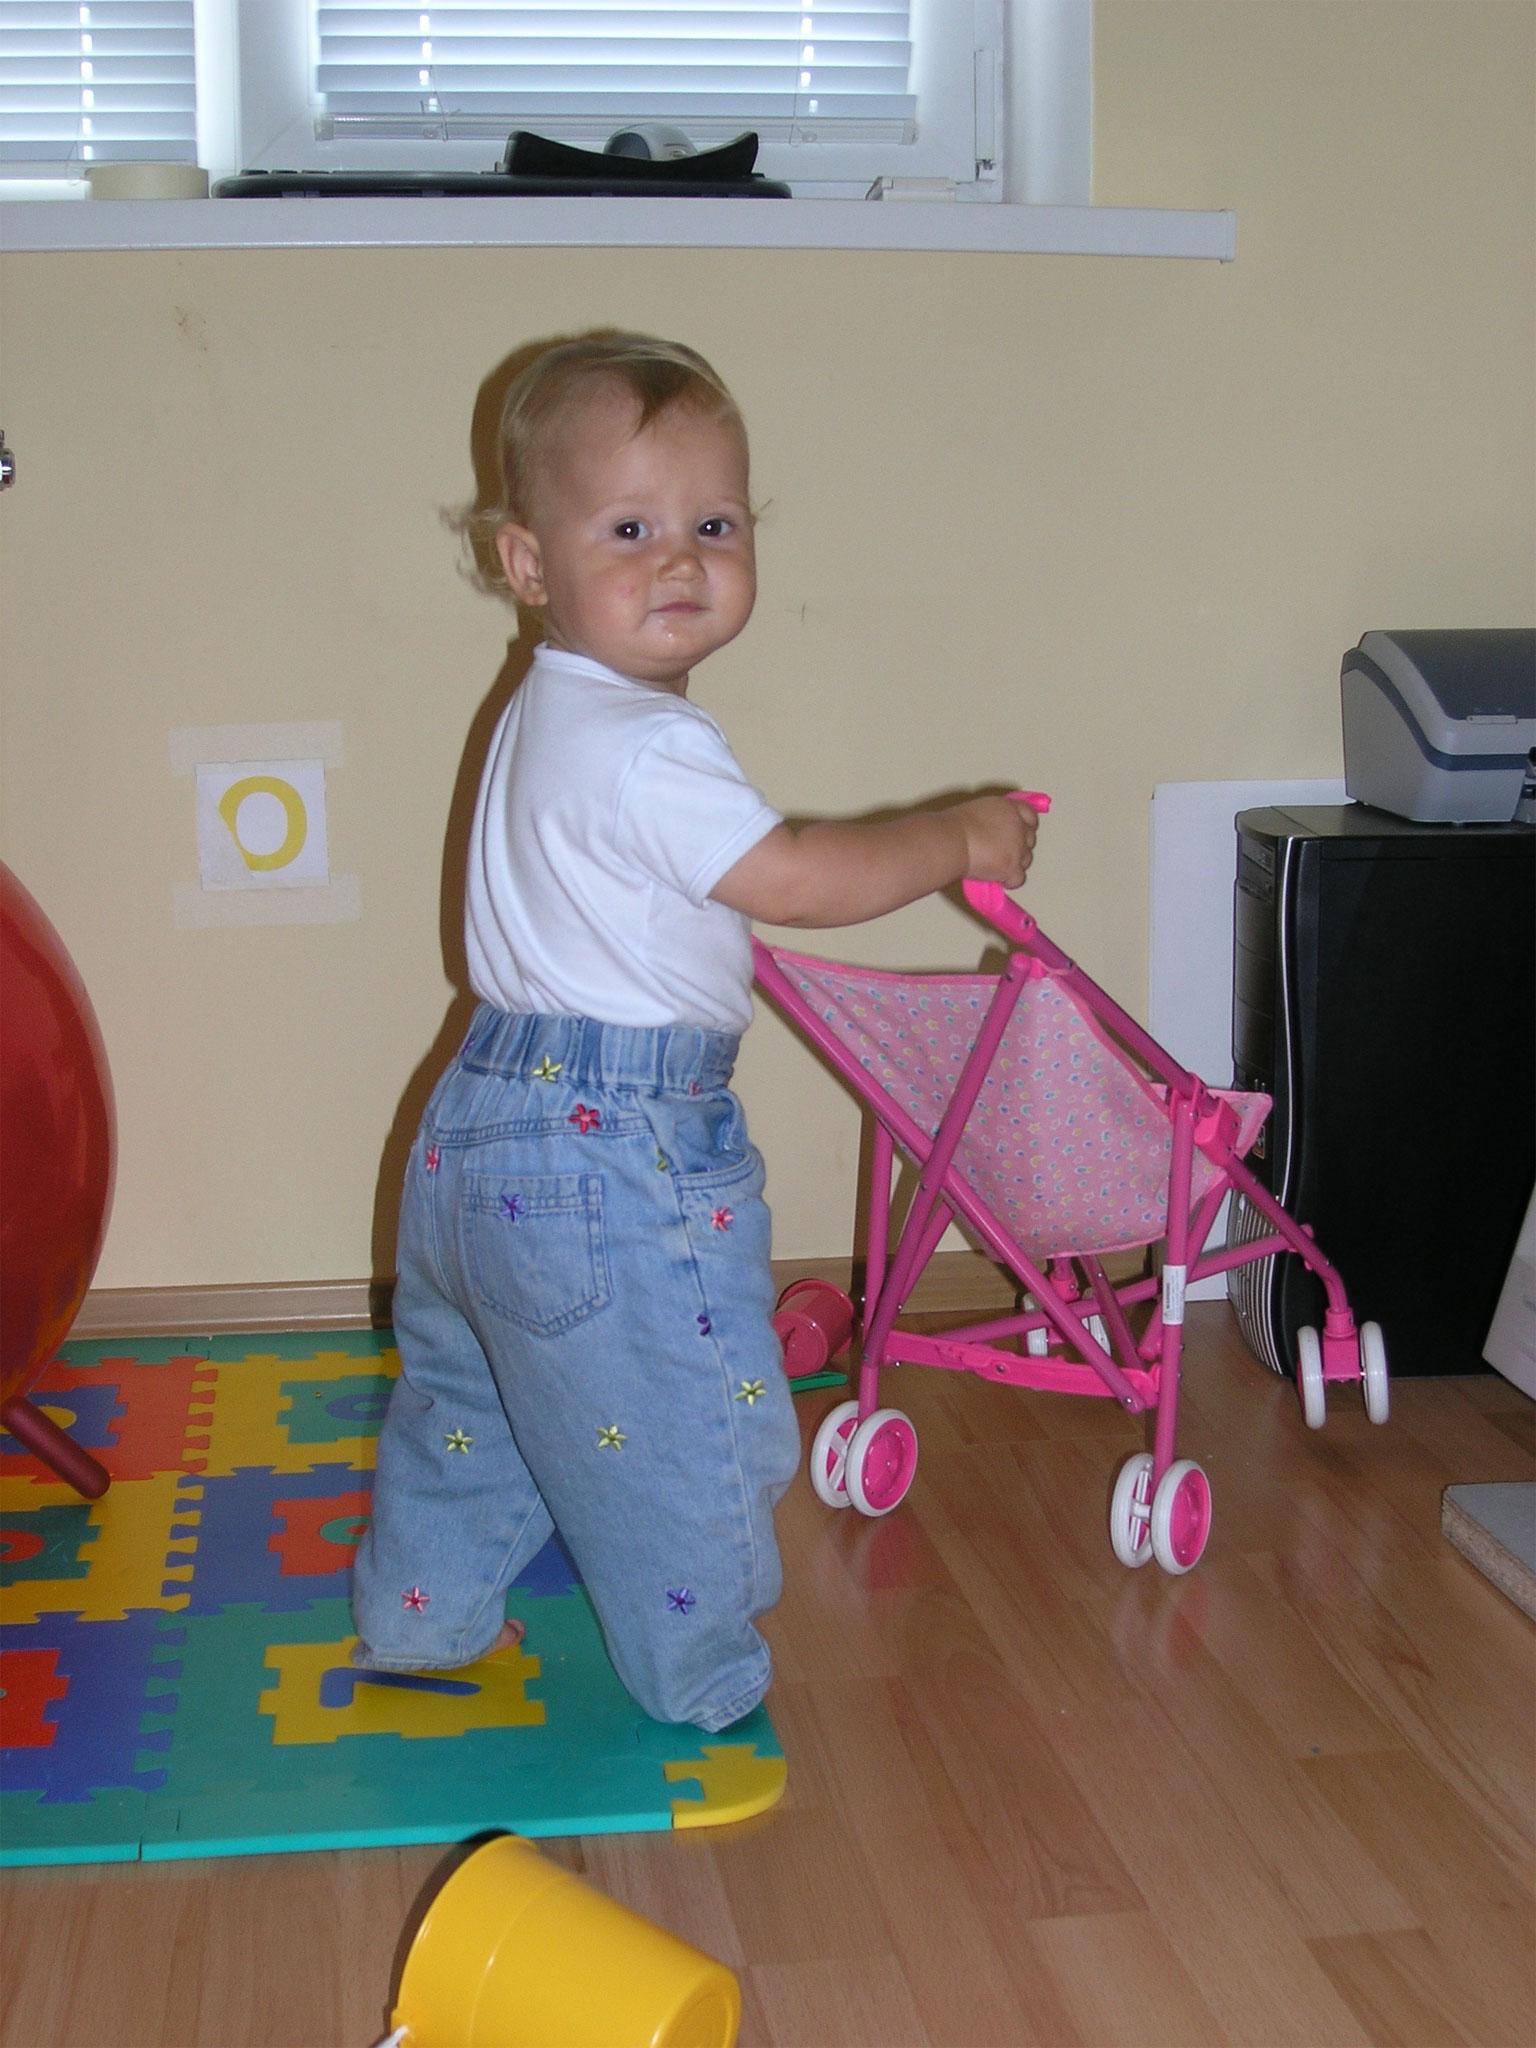 Krisitna Karpenko 1 year old